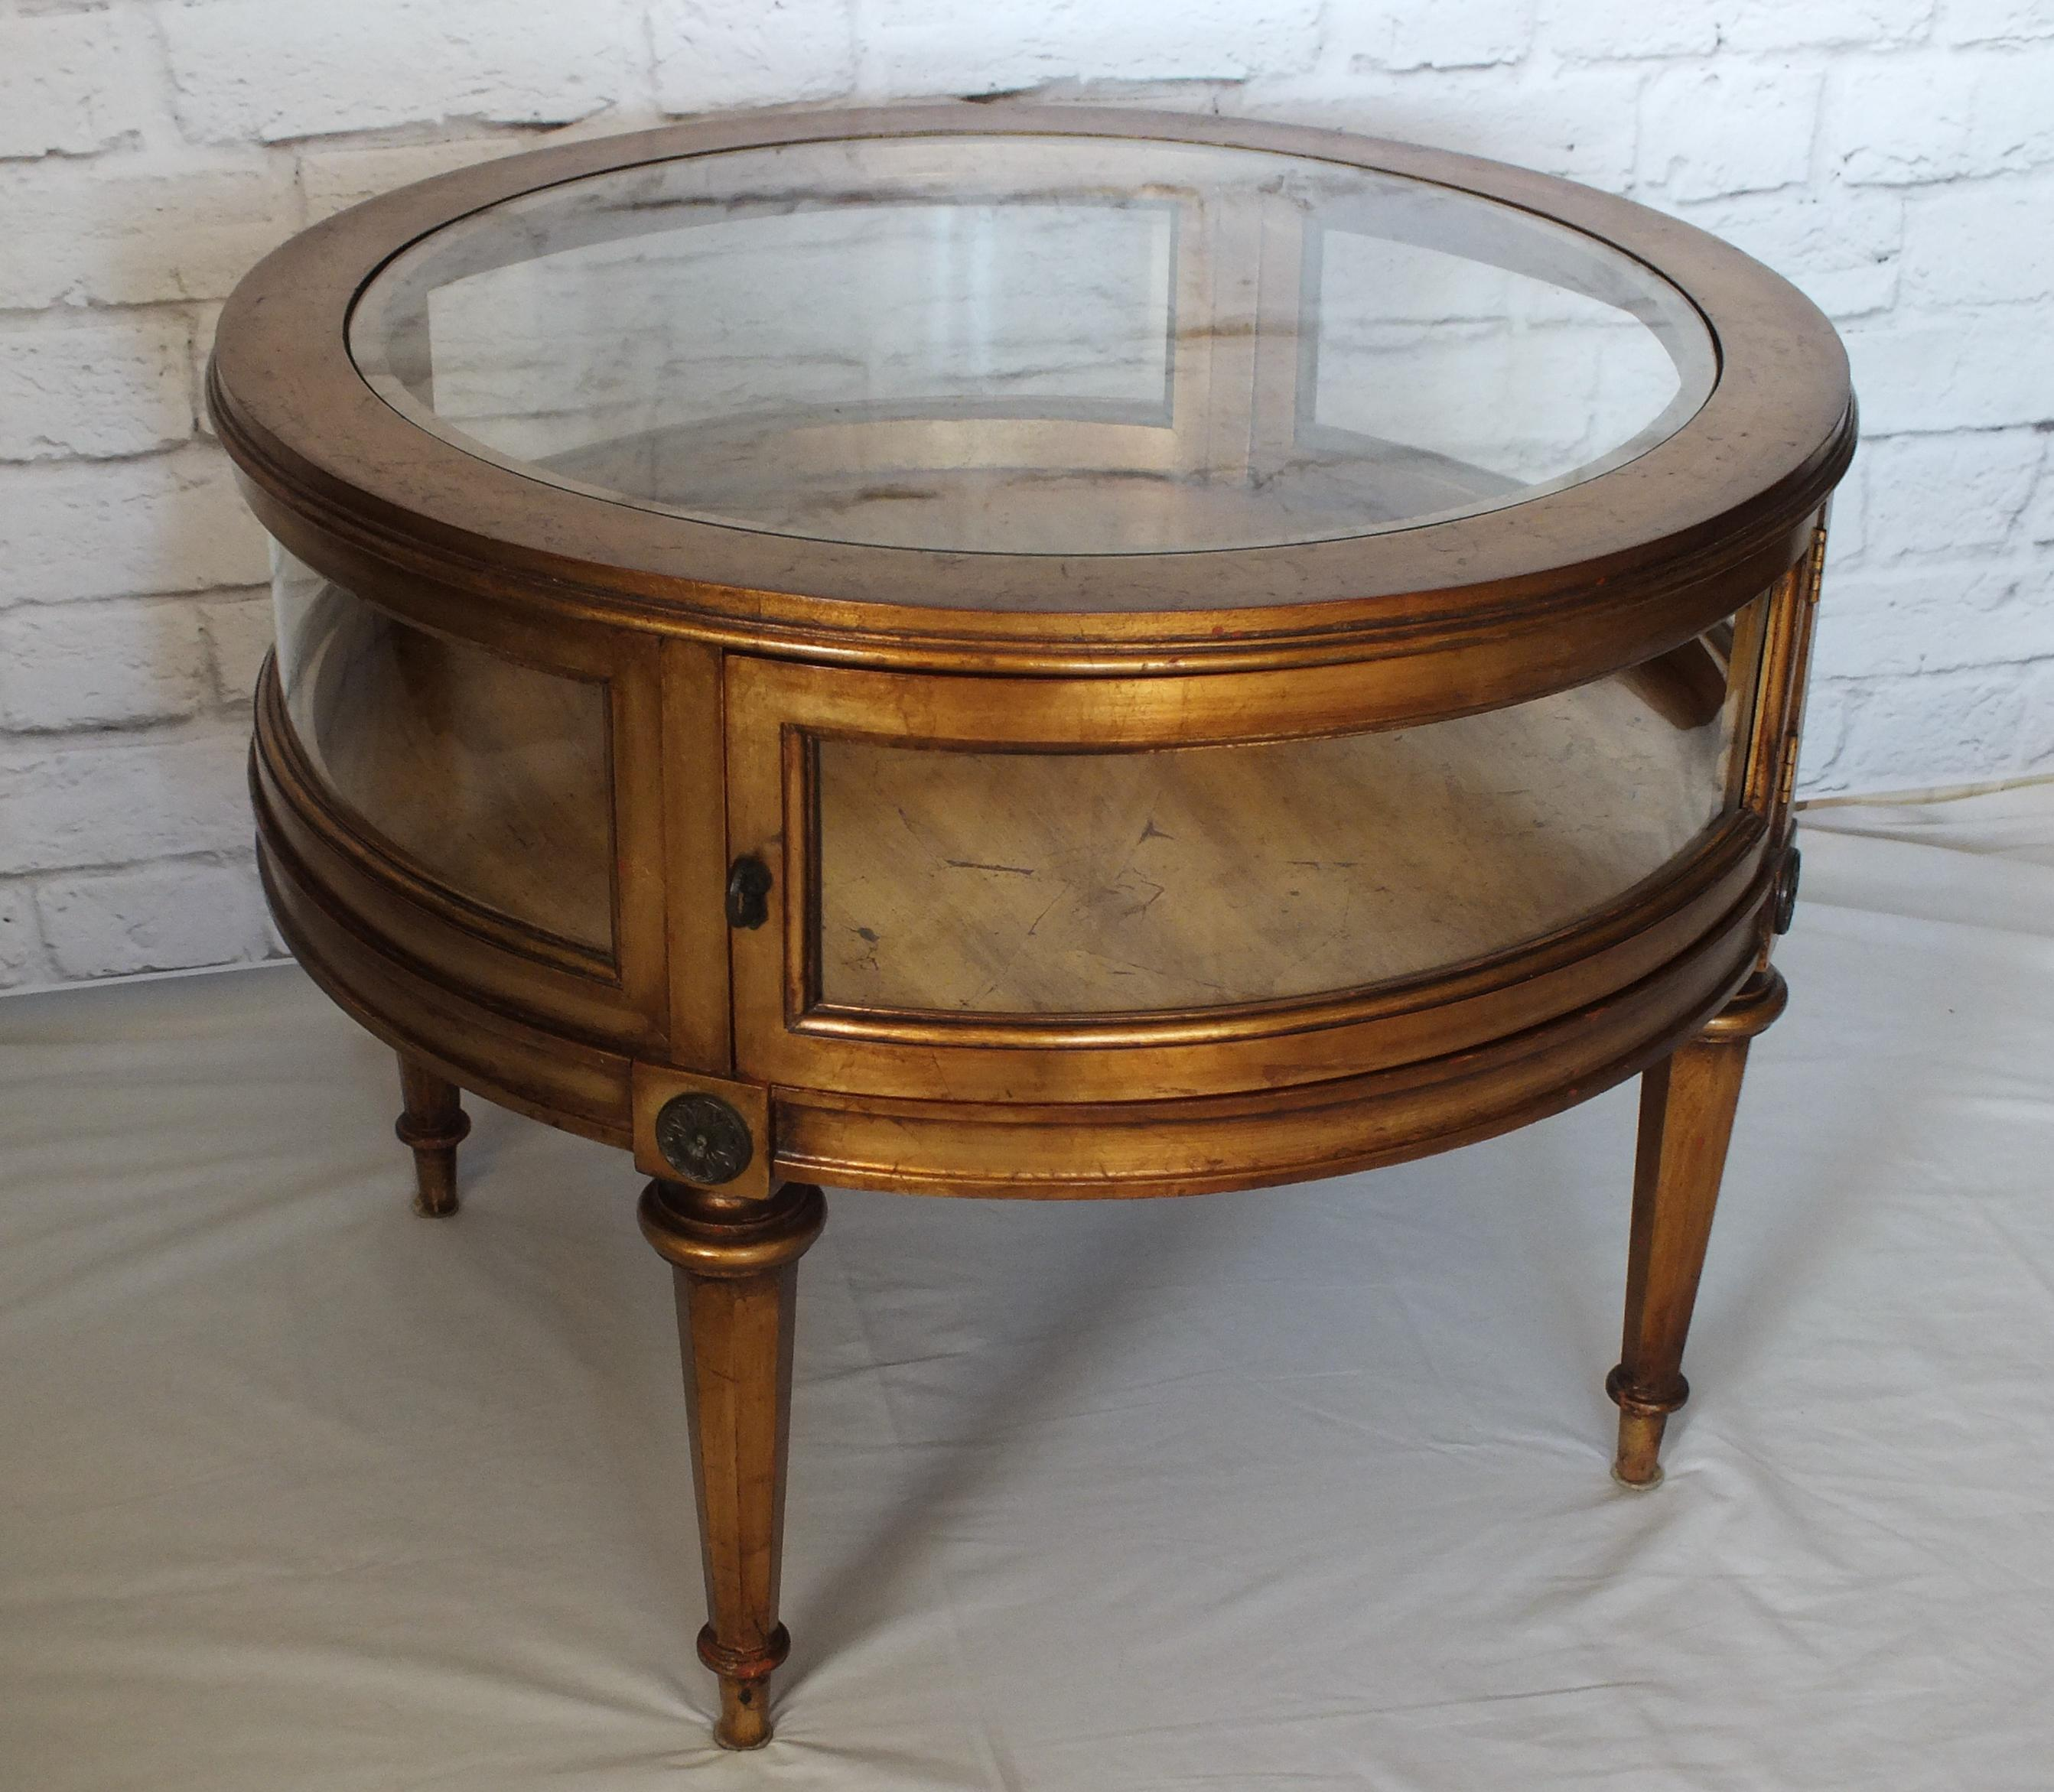 Vintage Weiman Gilded Round Vitrine Curio Table Chairish